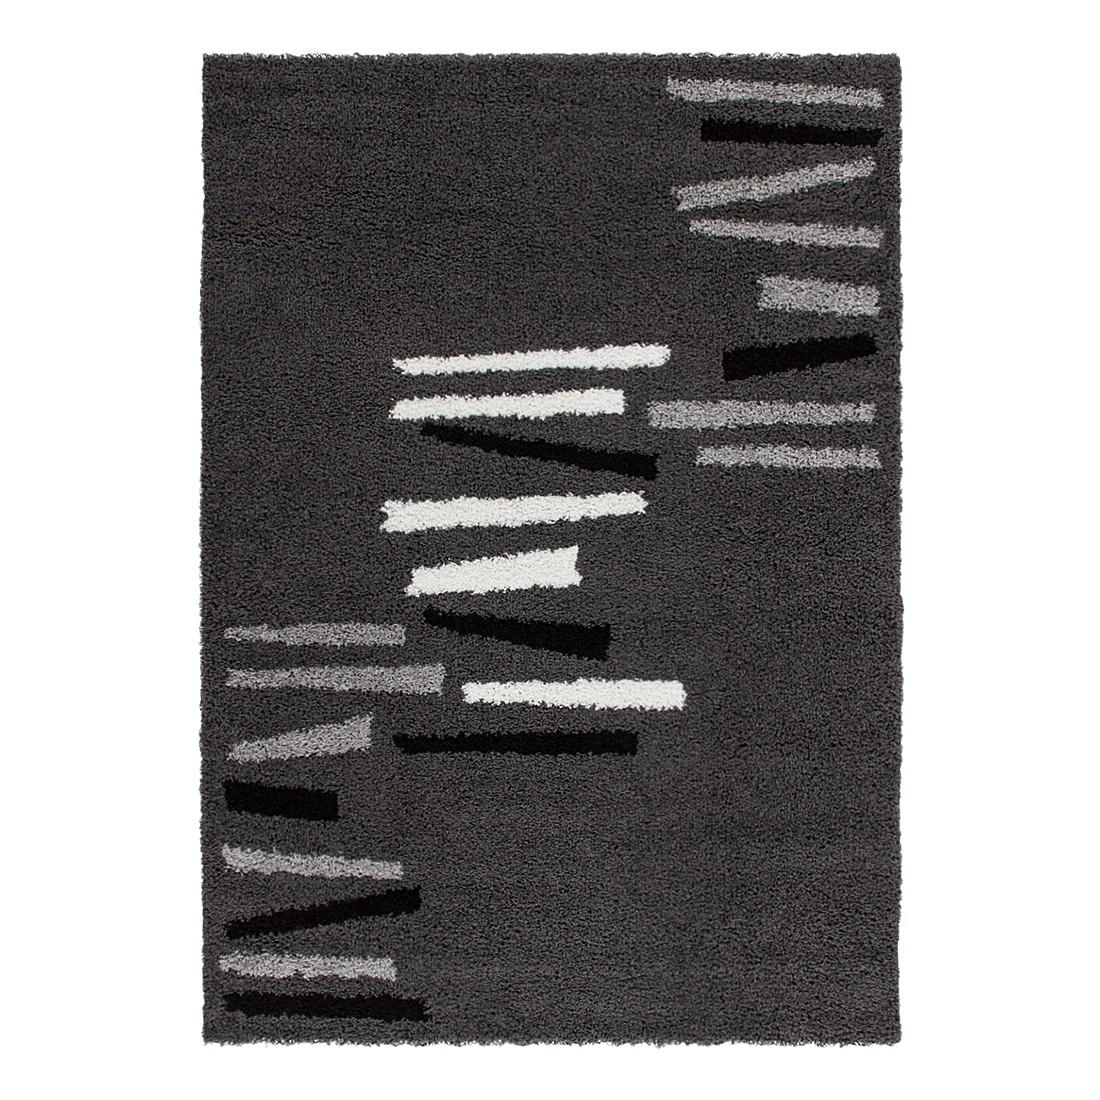 Teppich Bolivia – La Paz – Grau – 200 x 290 cm, Kayoom online kaufen